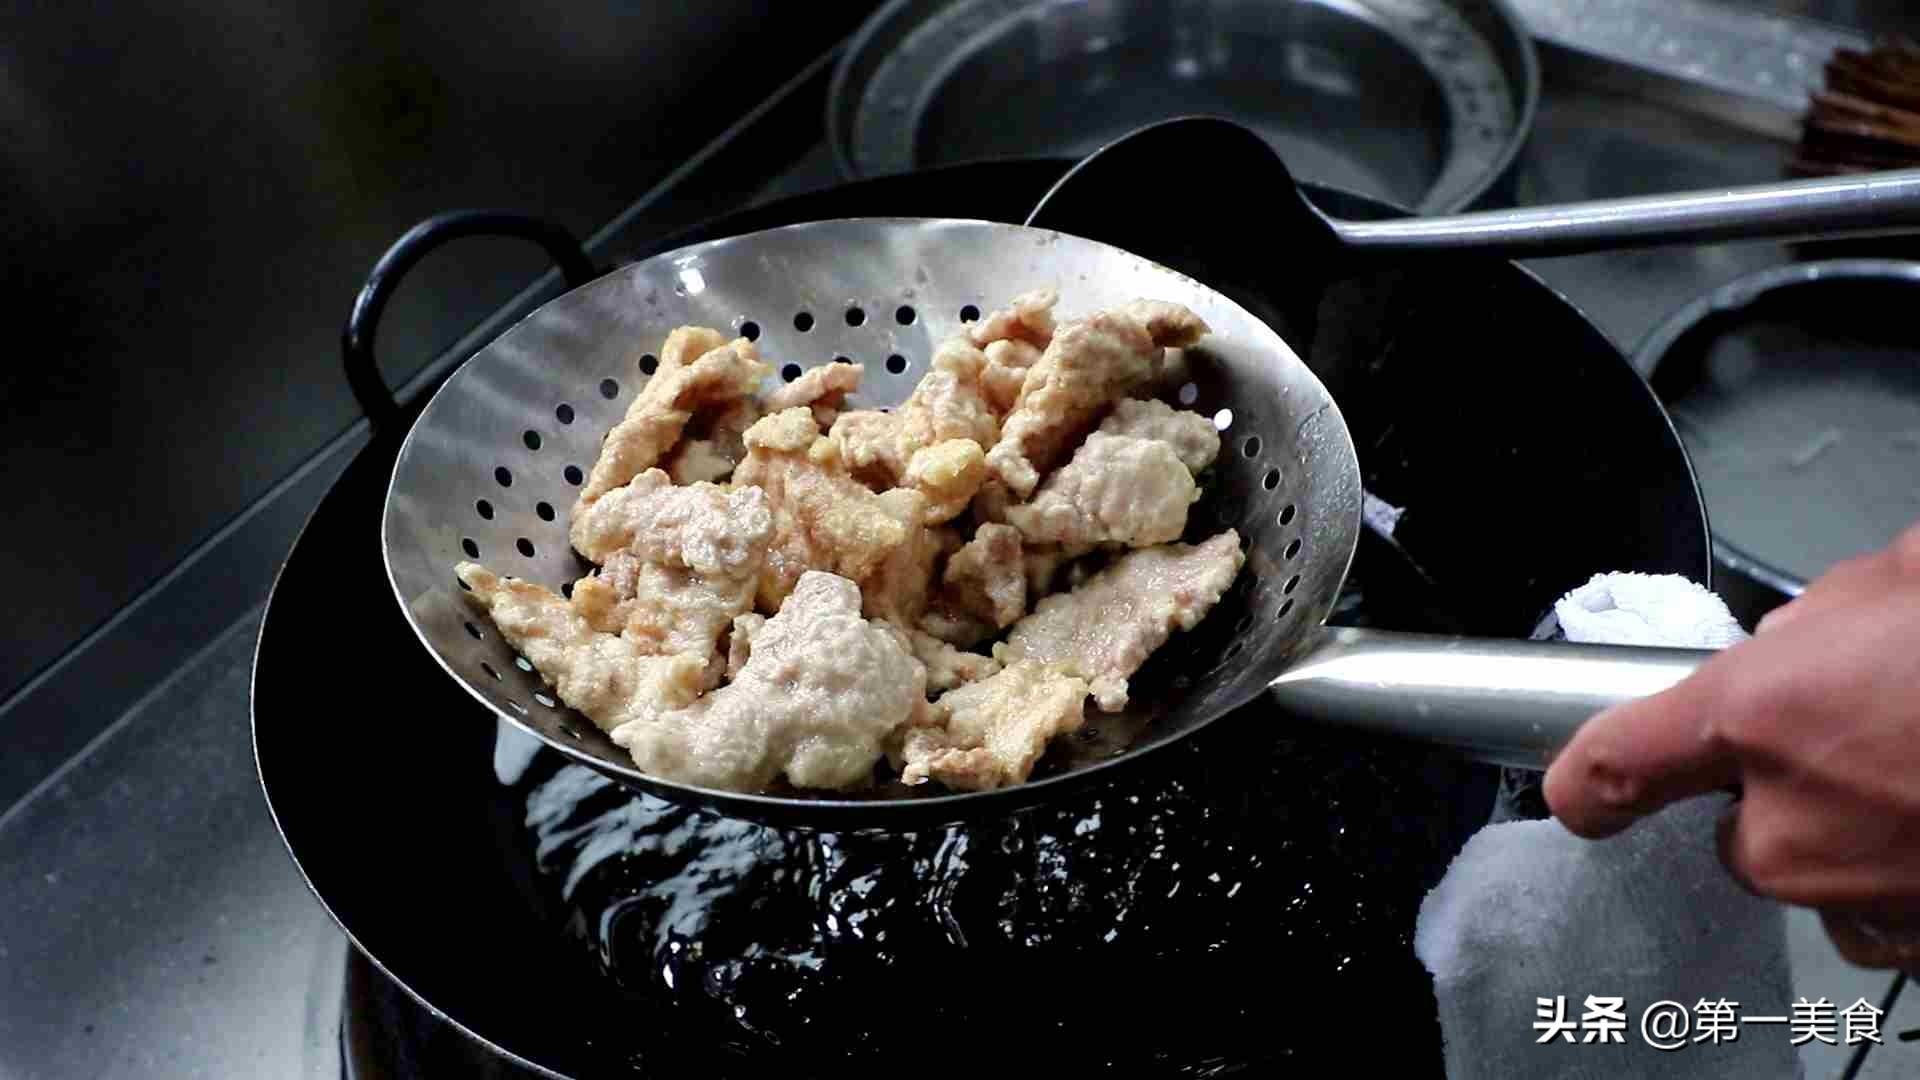 厨师长分享锅包肉的做法,锅包肉清脆不回软,步骤要点很清晰